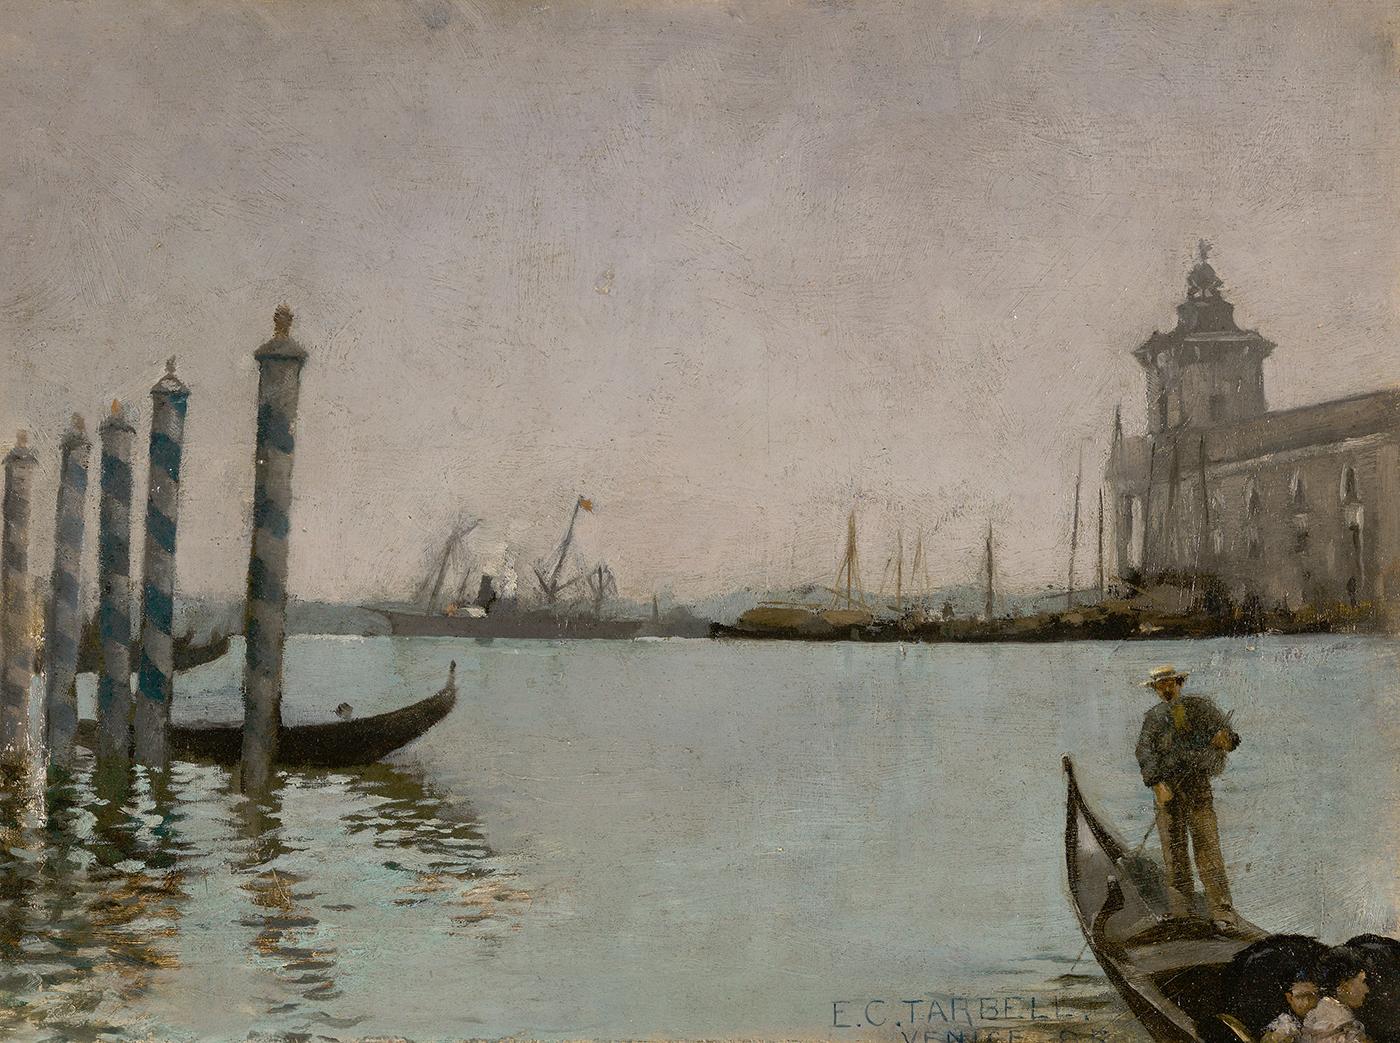 Venice, 1885